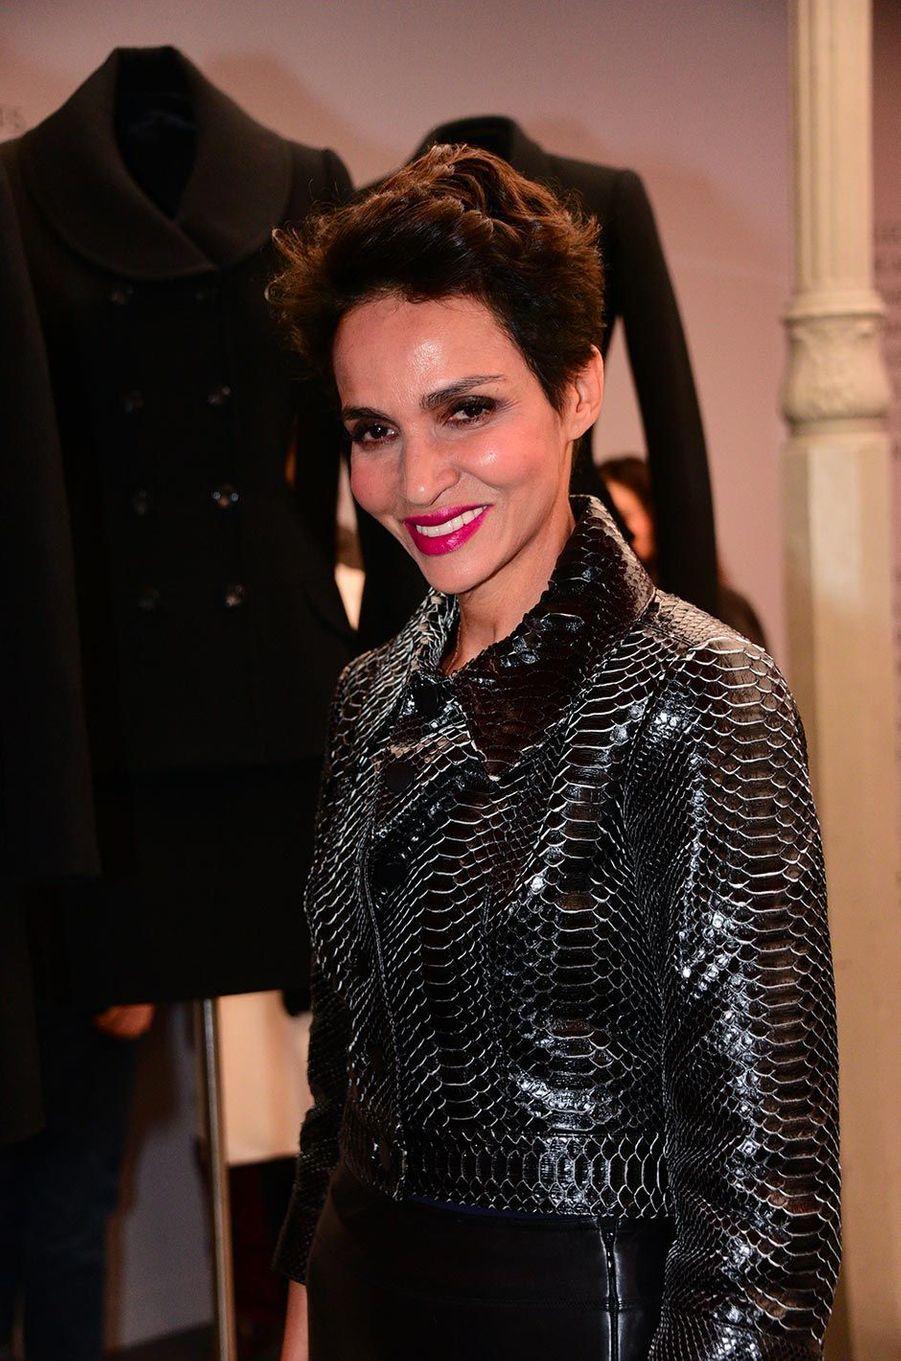 Farida Khelfaà l'exposition consacrée aux créations d'Azzedine Alaïa, à Paris, le 20 janvier 2019.